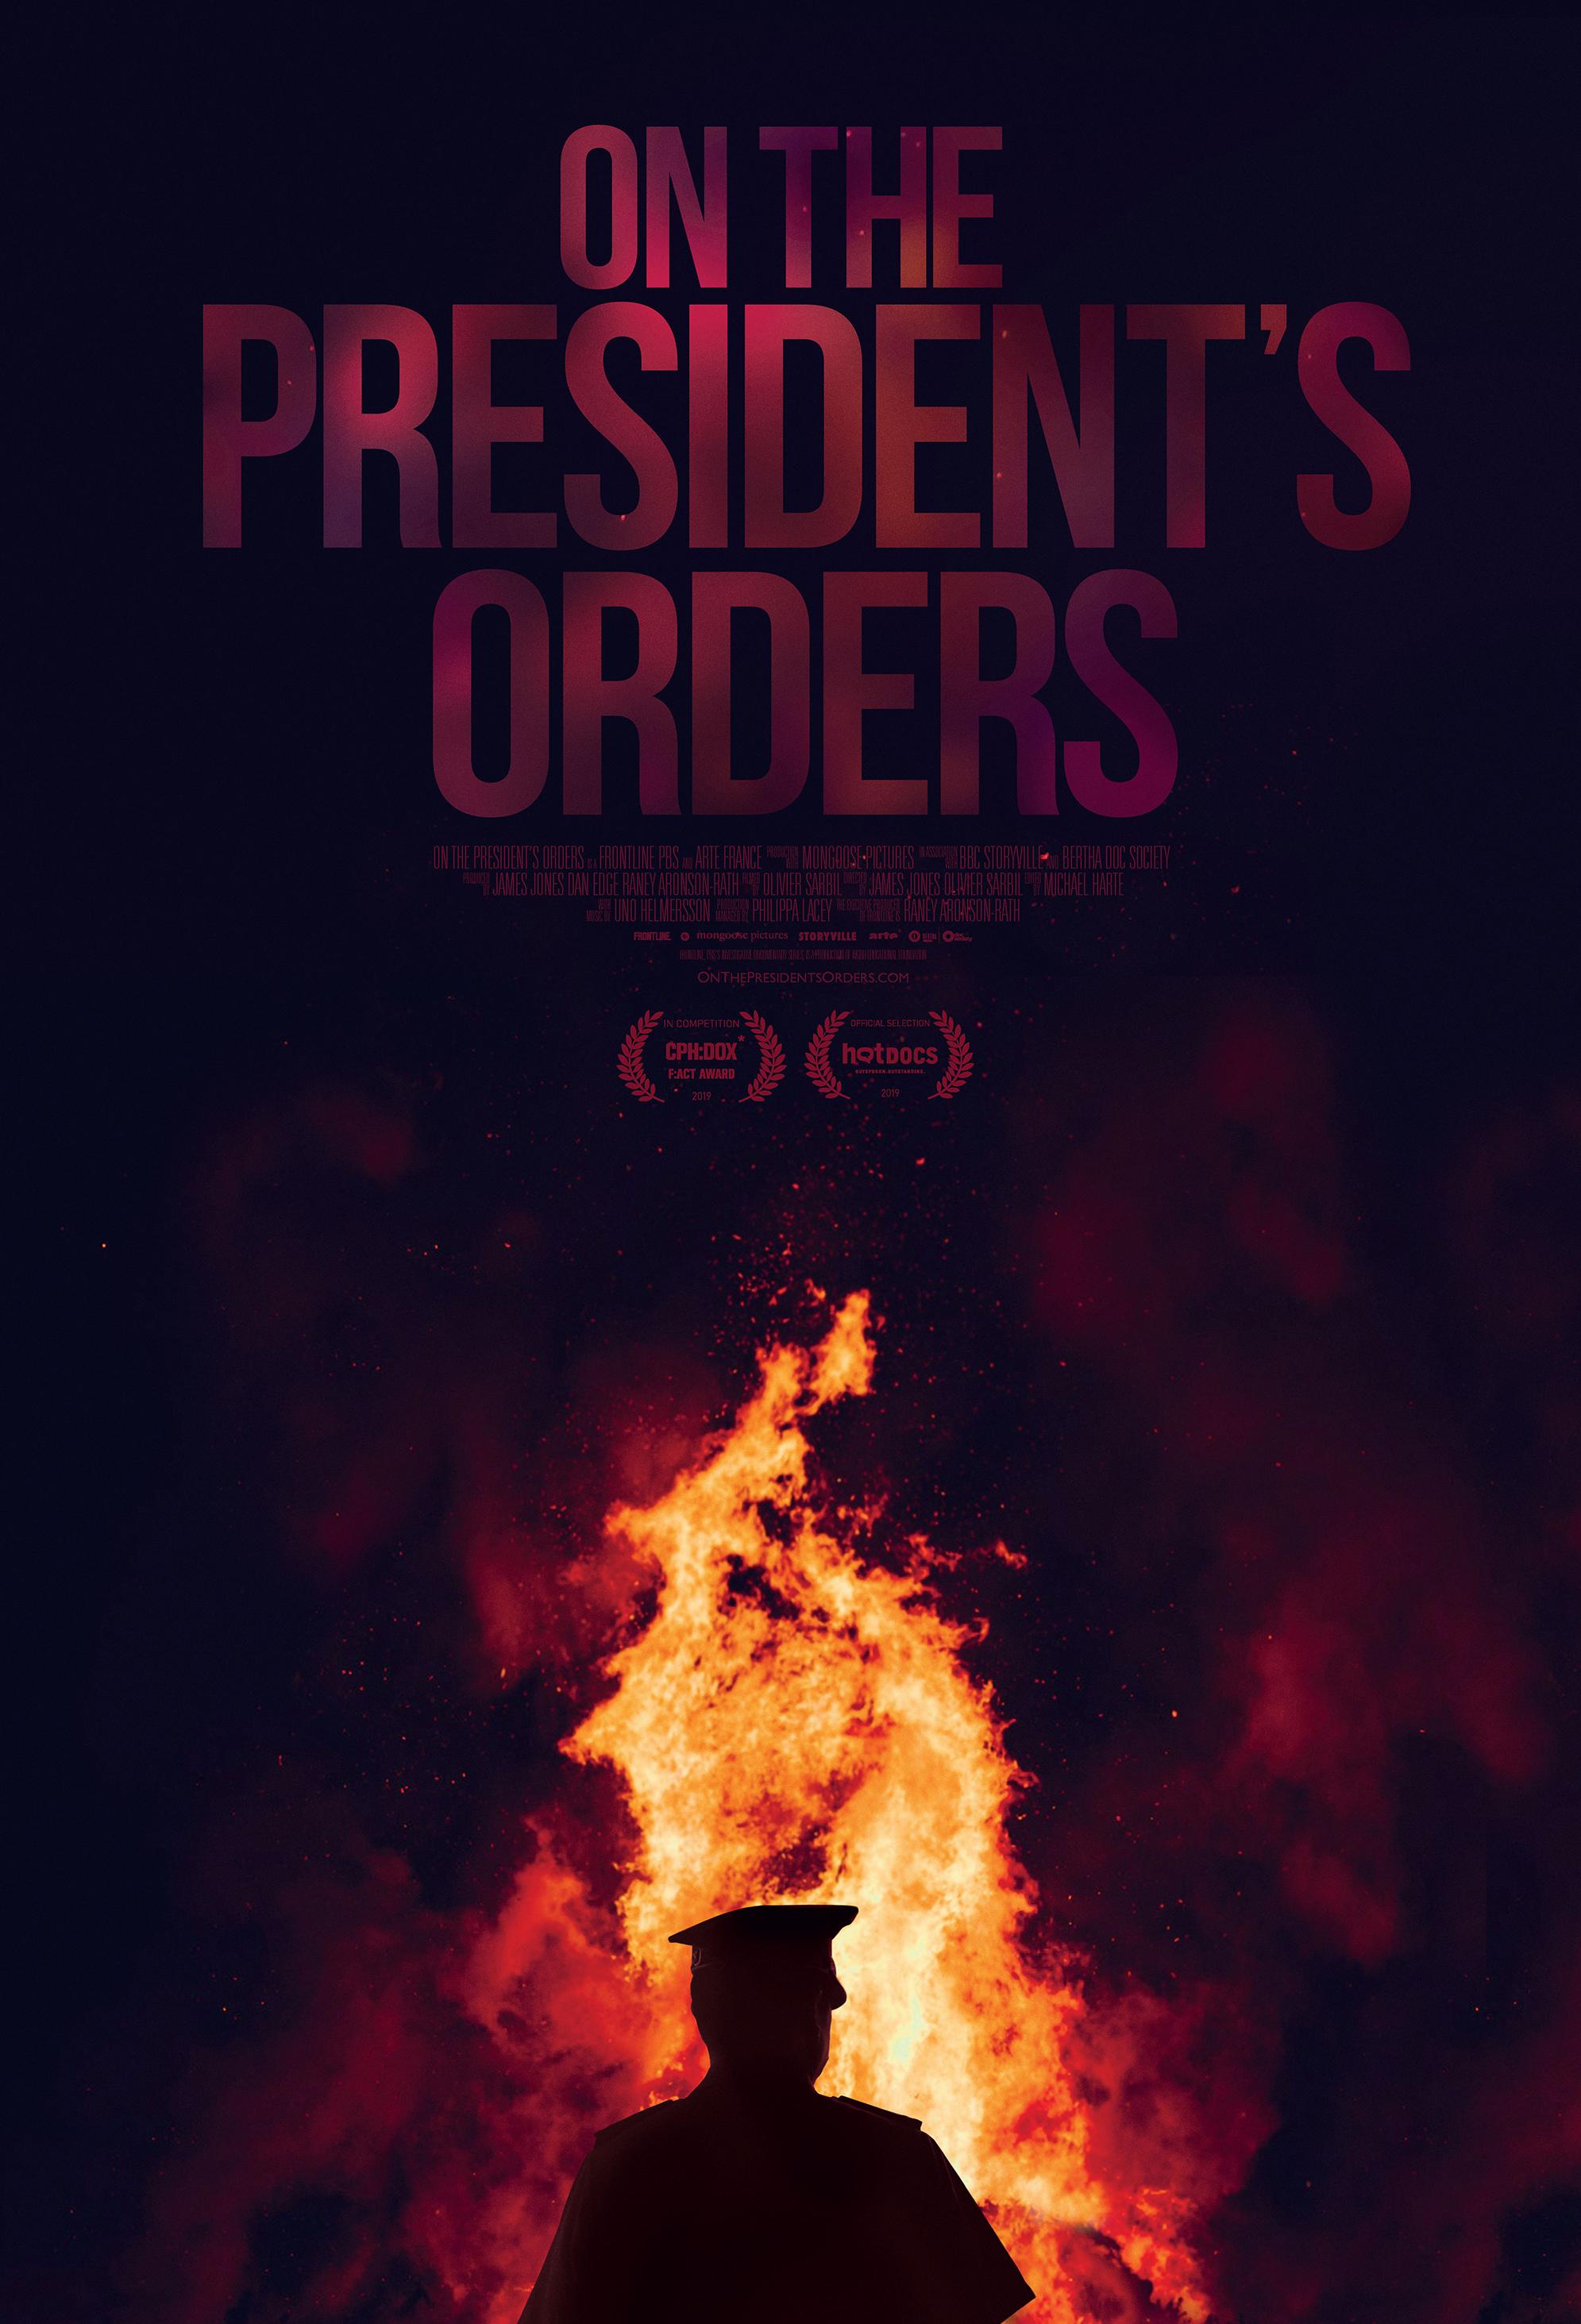 IntWebsite_Poster_OnThePresidentsOrders_0.jpg